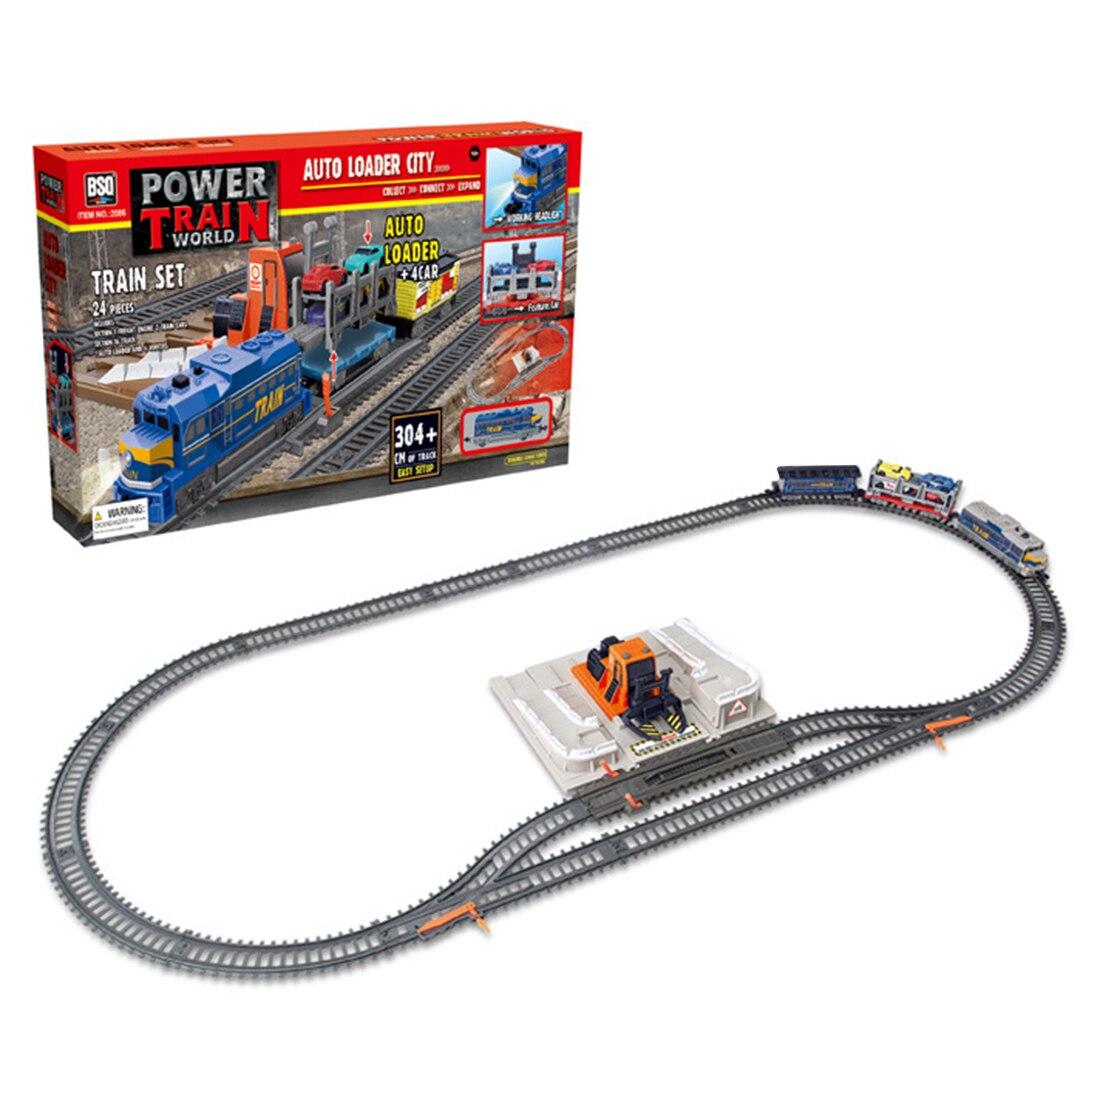 24 pces 304cm elétrico faixa de luz pequenas carruagens trem conjunto estação de carga crianças brinquedo trem